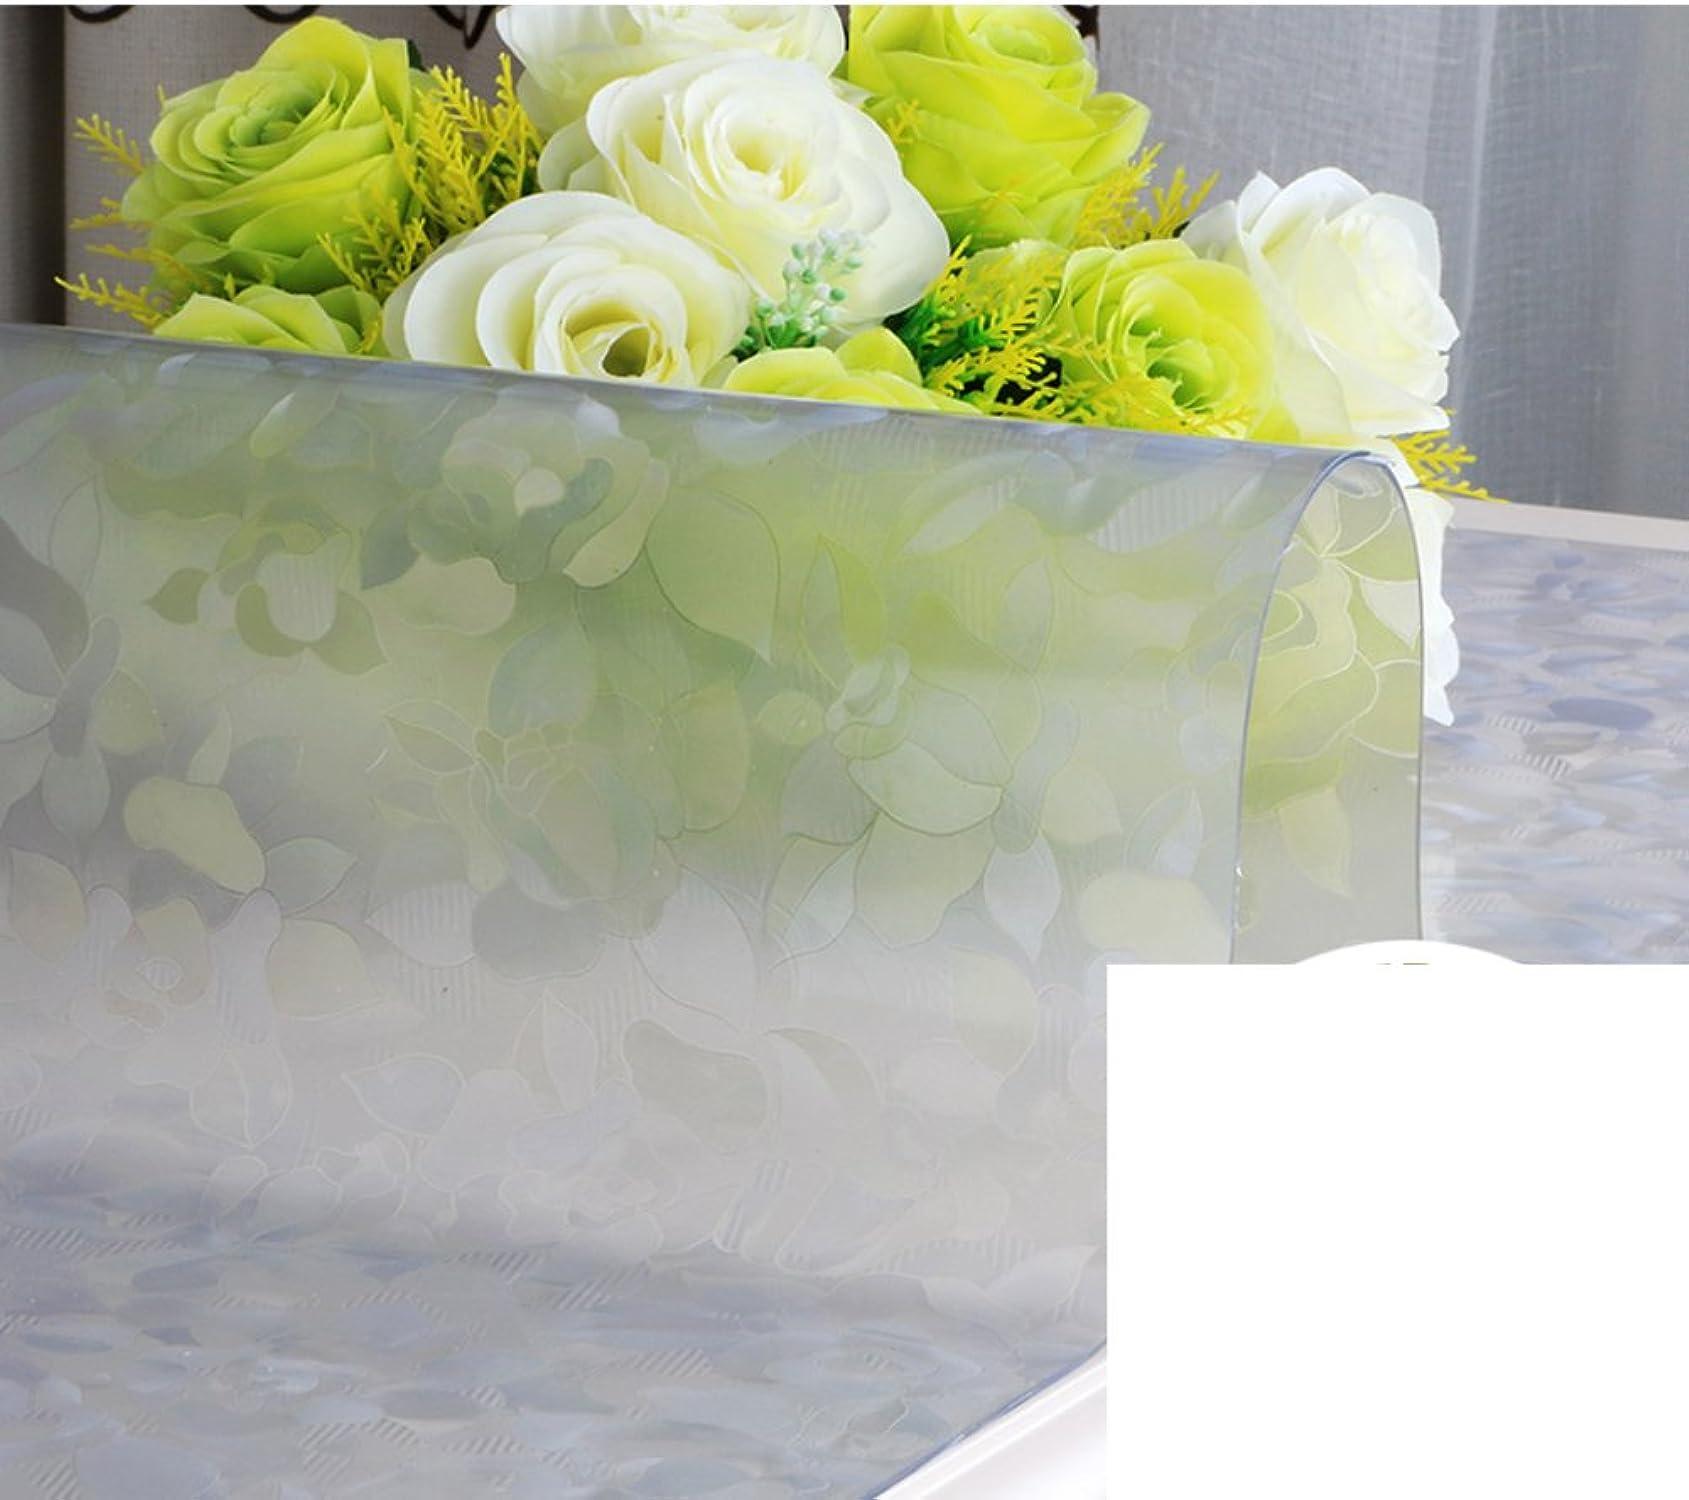 QT PVC épais Verre Mou Nappe Hot Jetable étanche Transparent Napperon Tapis De Table à Thé-B 90x140cm(35x55inch)